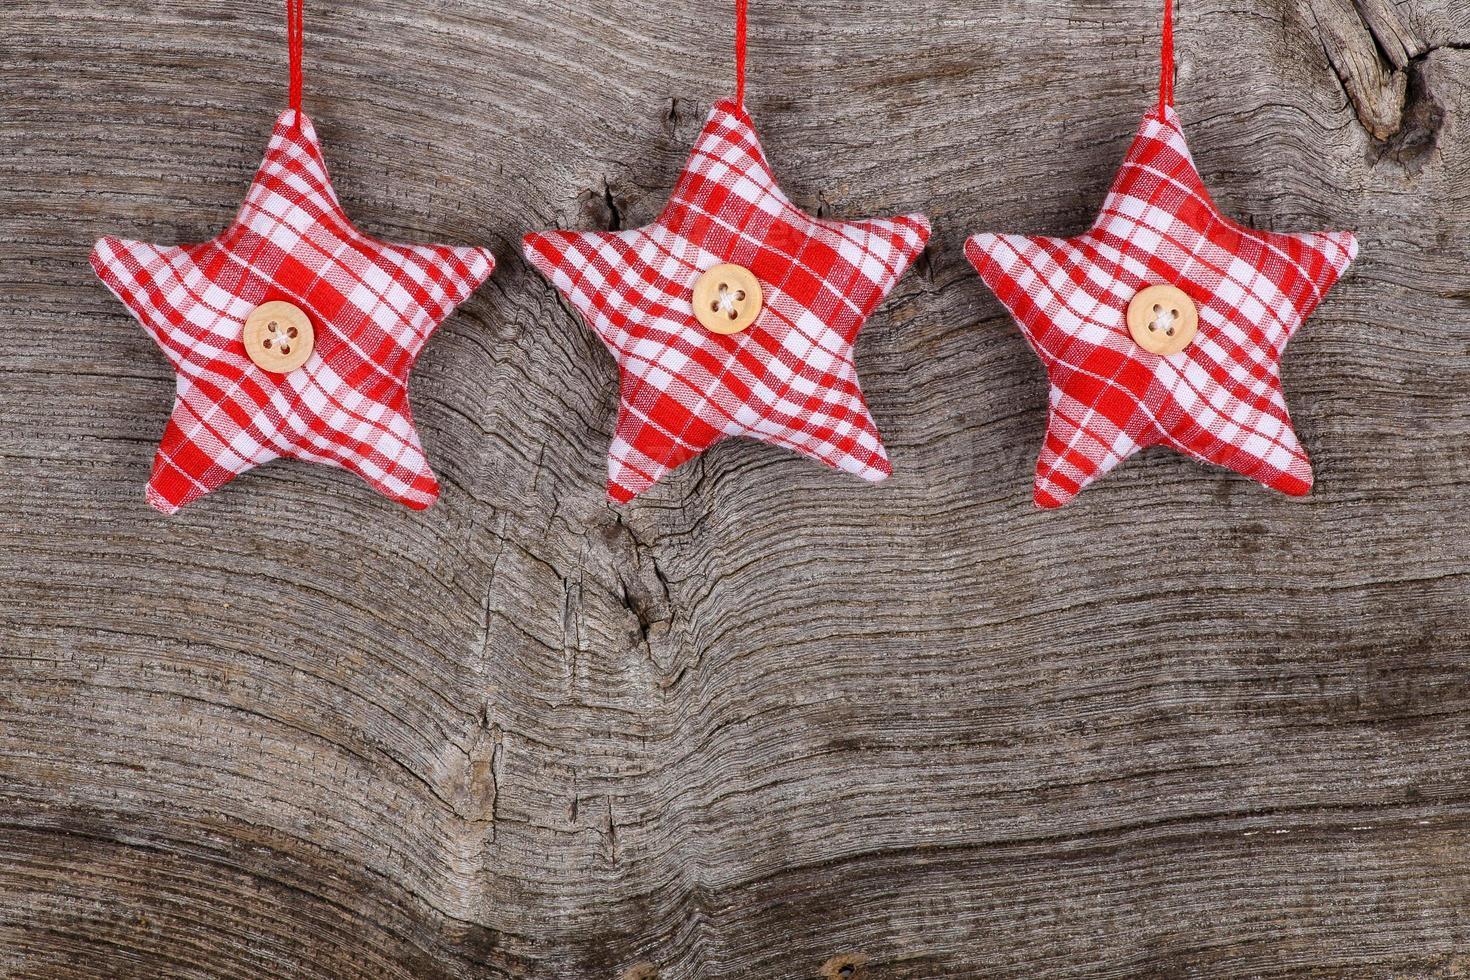 Tela roja estrella feliz navidad decoración rústico madera fondo foto